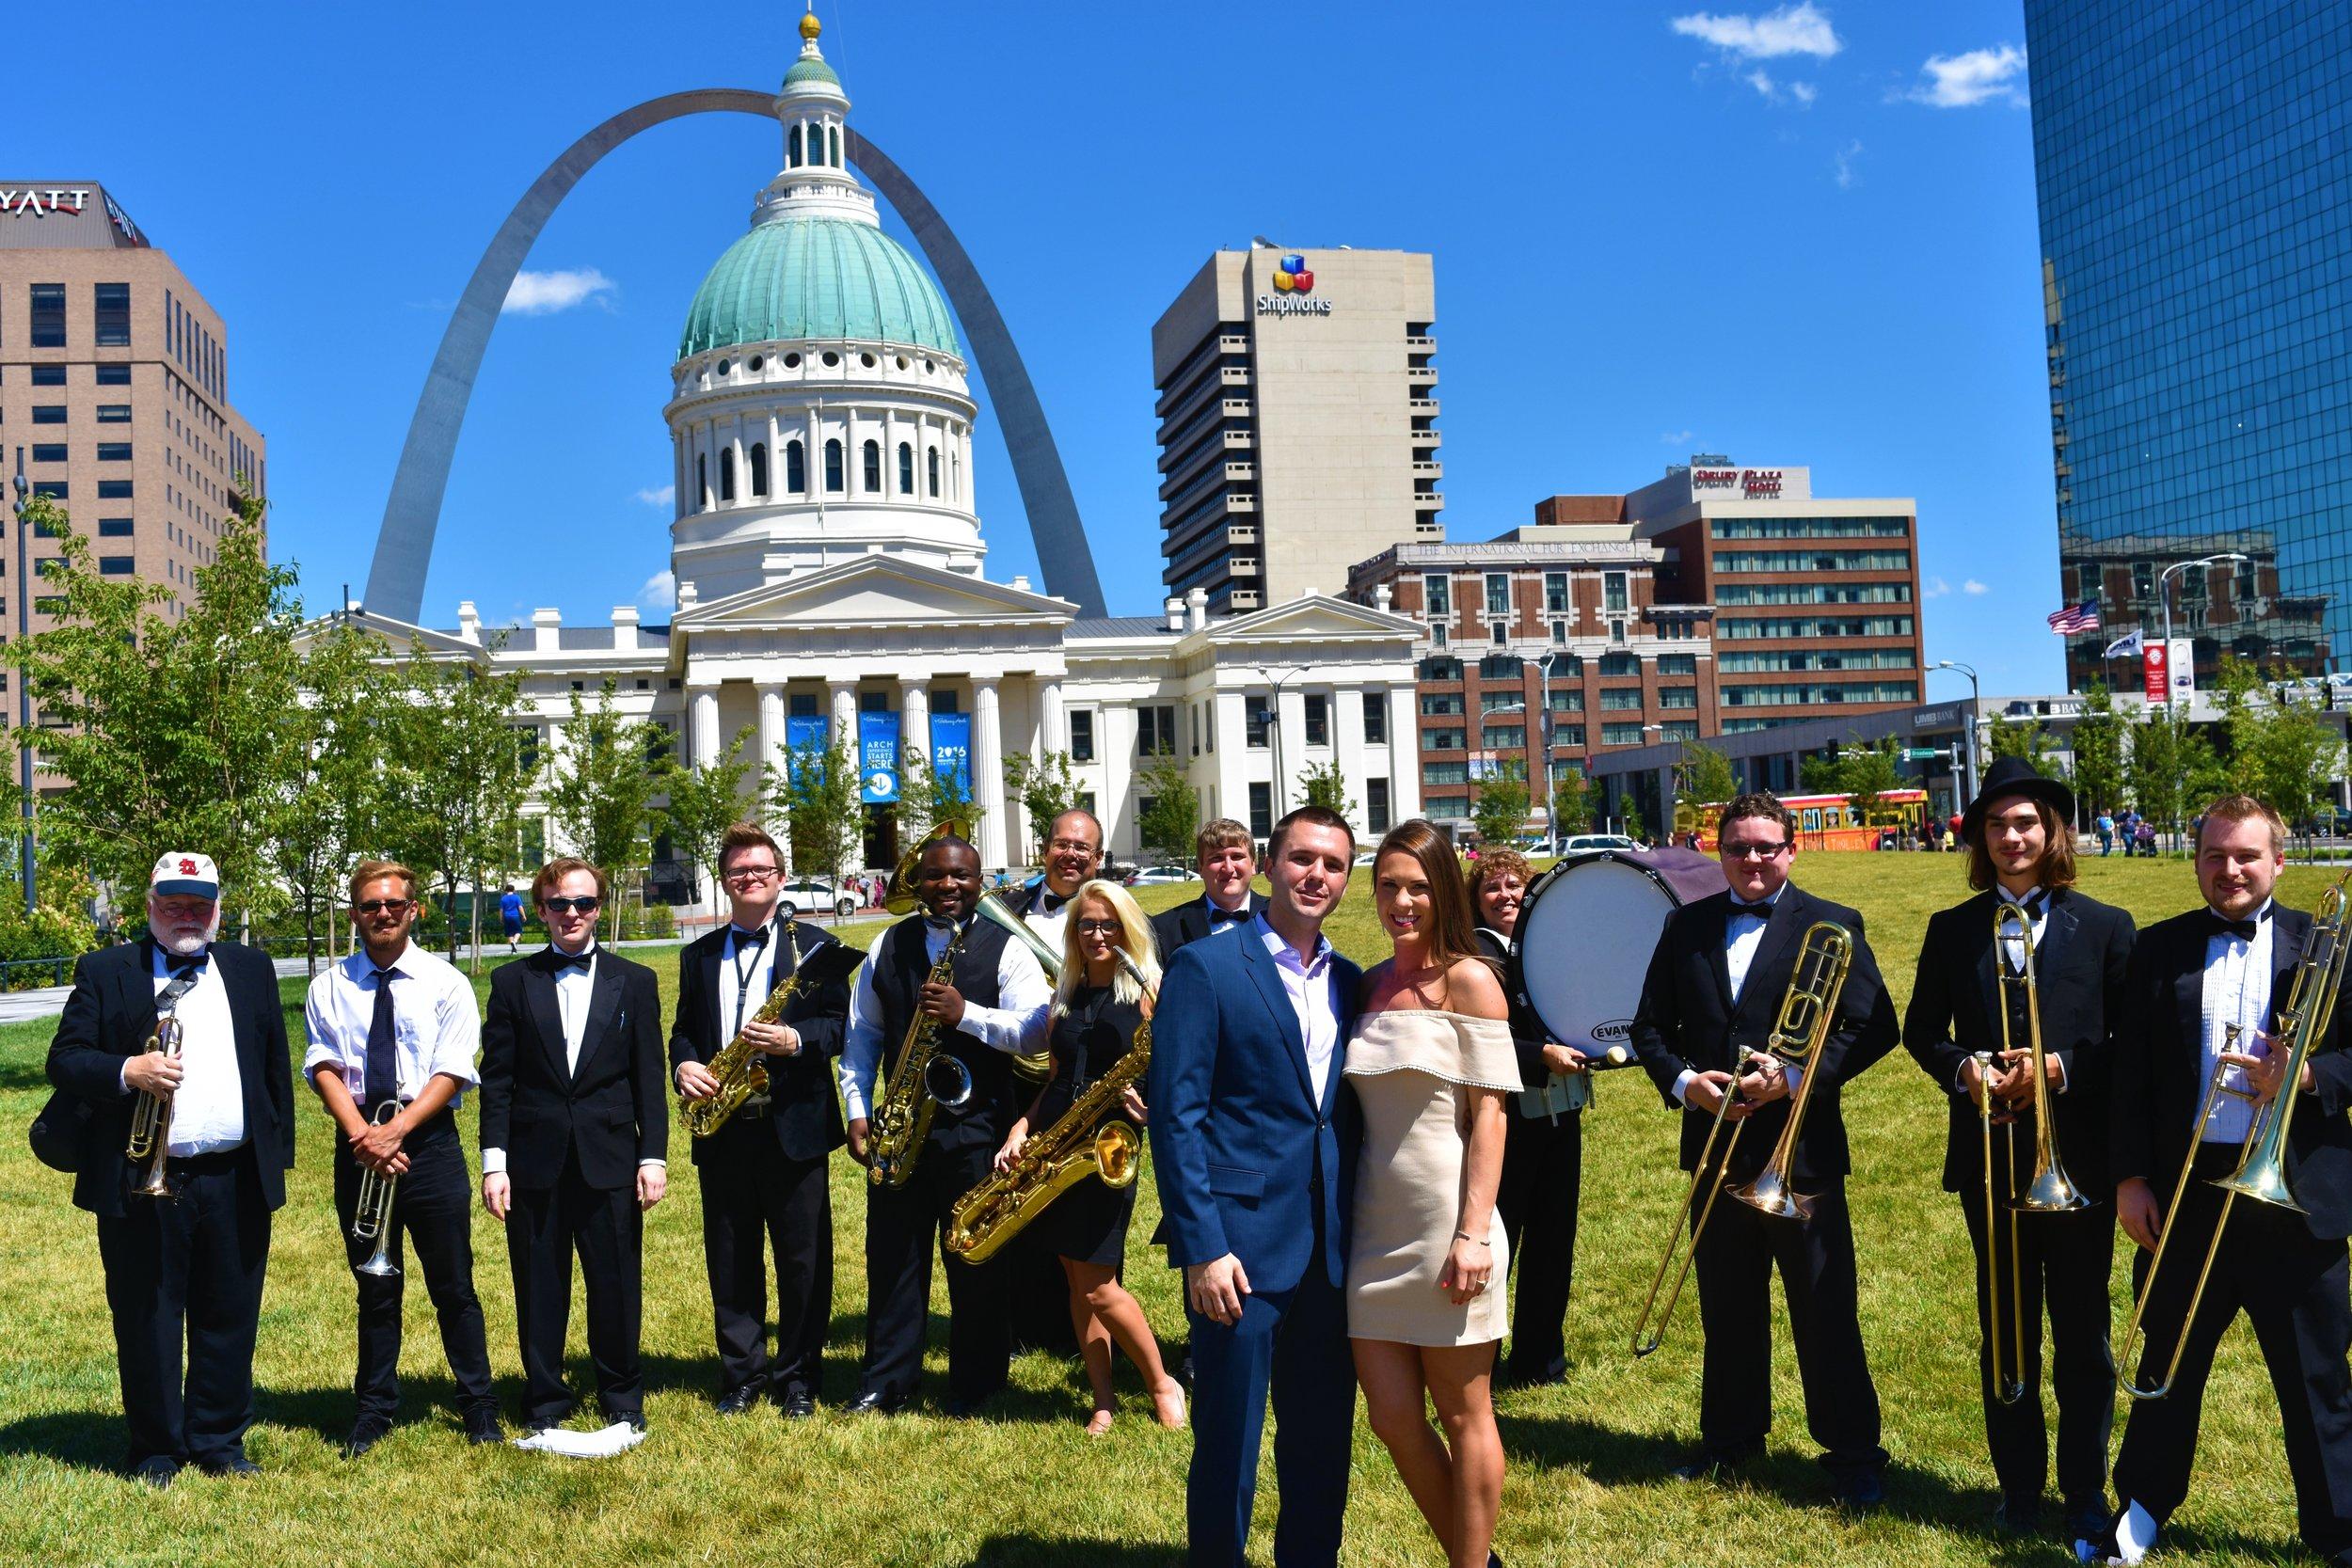 Kiener Plaza Engagement - St. Louis, MO